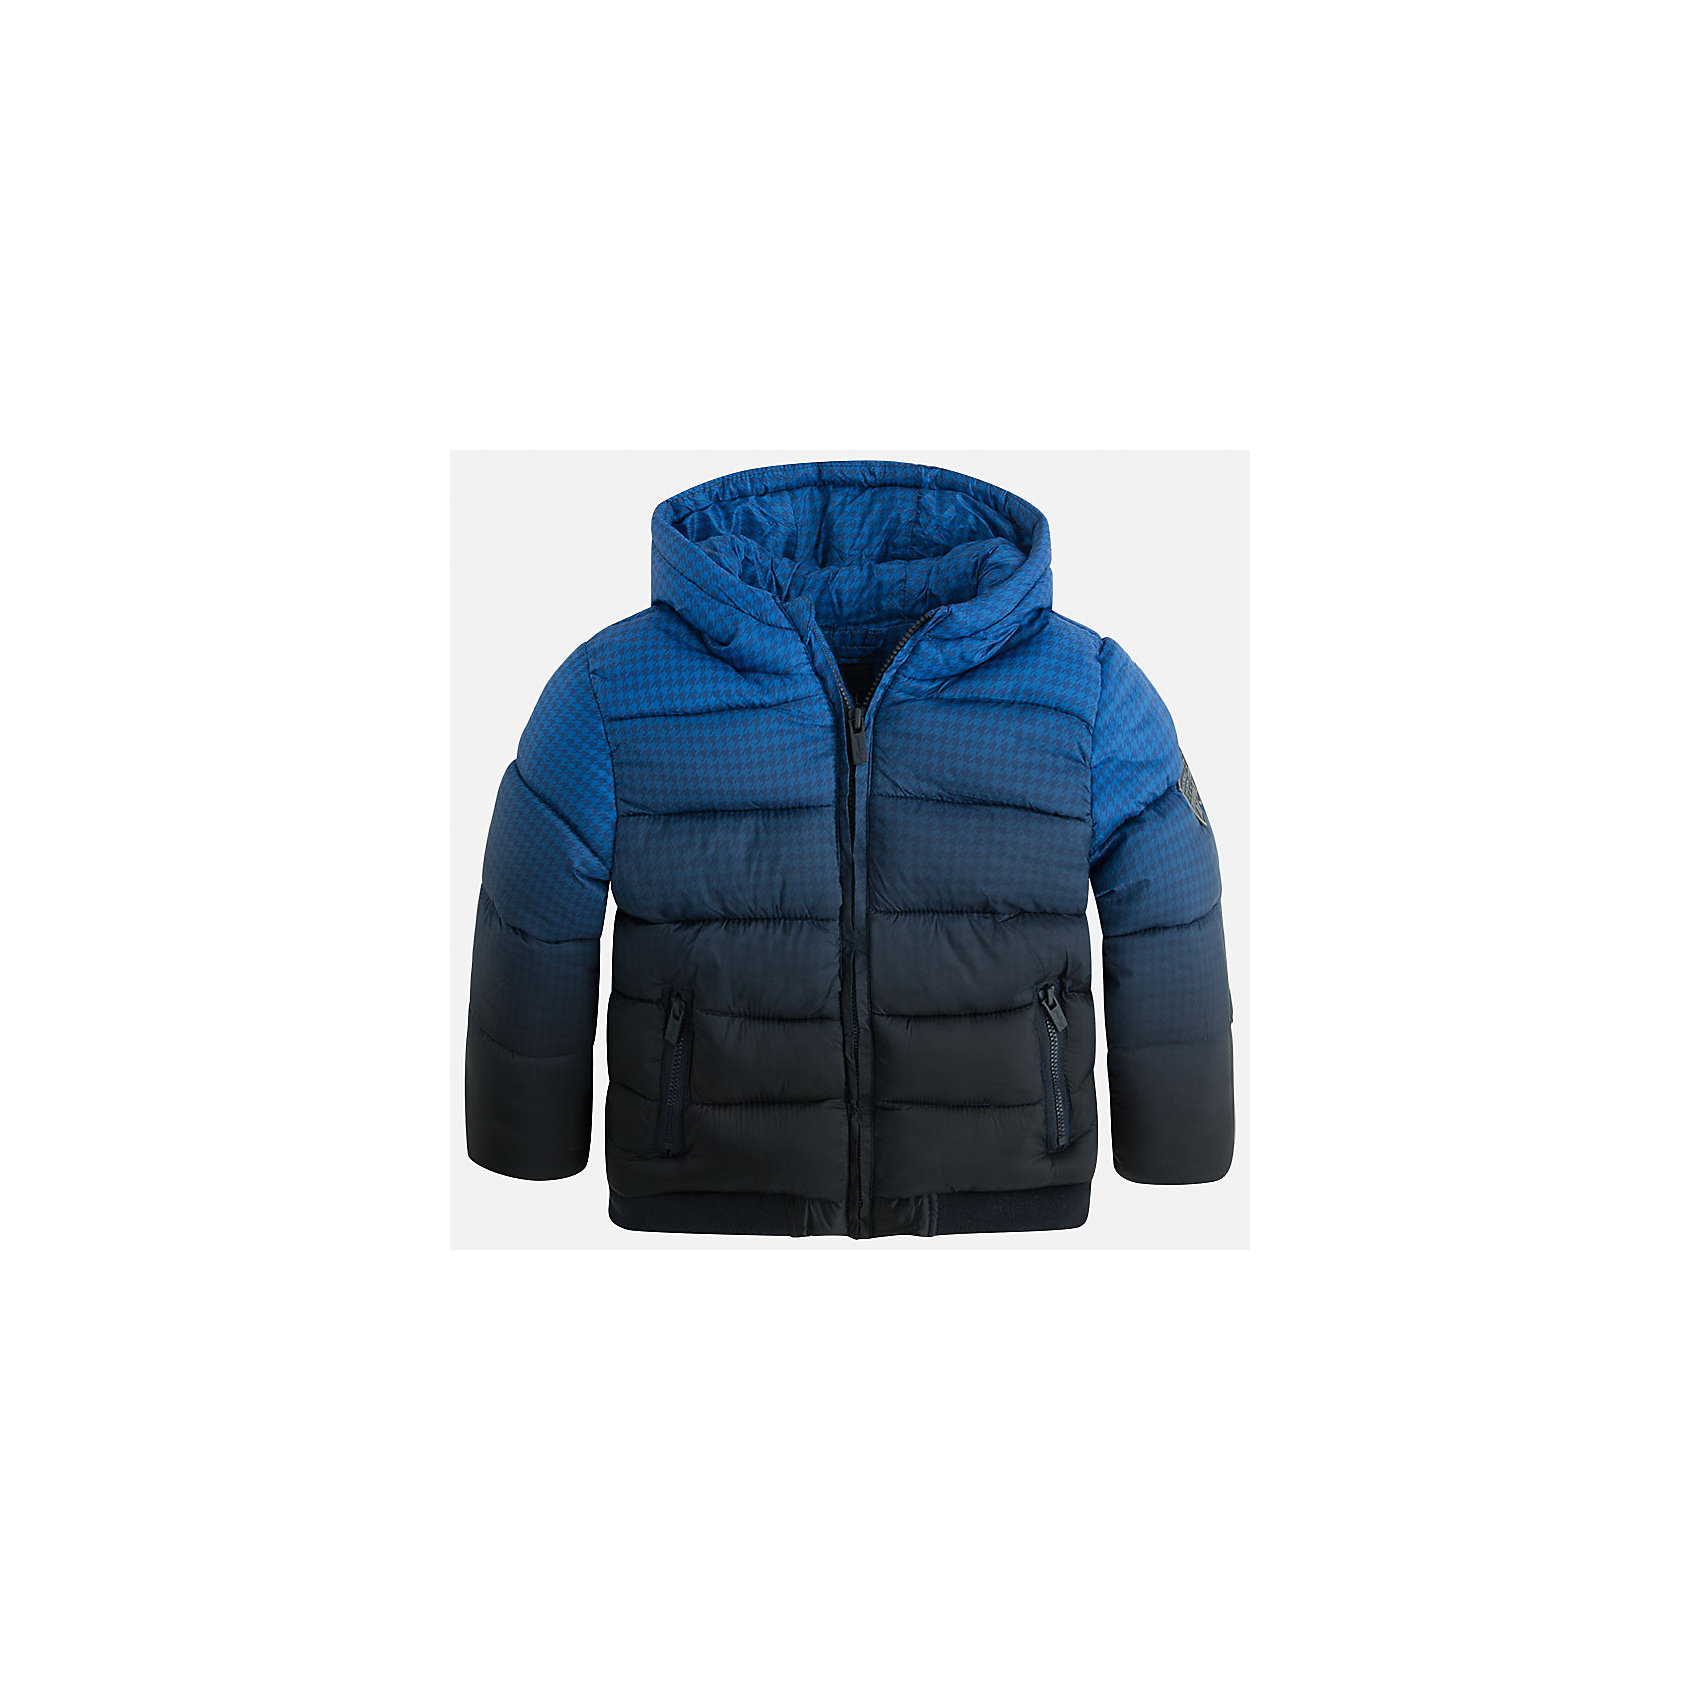 Куртка для мальчика MayoralСтильная, теплая осенняя куртка для юного джентльмена!<br>Порадуйте своего модника хорошим подарком!<br><br>Дополнительная информация:<br><br>- Крой: прямой крой.<br>- Страна бренда: Испания.<br>- Состав: <br>Верхняя ткань: полиэстер 100%.<br>Подкладка: полиэстер 100%.<br>Наполнитель: полиэстер 100%.<br>- Цвет: синий.<br>- Уход: бережная стирка при 30 градусах.<br><br>Купить куртку для мальчика Mayoral можно в нашем магазине.<br><br>Ширина мм: 356<br>Глубина мм: 10<br>Высота мм: 245<br>Вес г: 519<br>Цвет: синий<br>Возраст от месяцев: 96<br>Возраст до месяцев: 108<br>Пол: Мужской<br>Возраст: Детский<br>Размер: 128,110,116,122,134,98,104<br>SKU: 4822009